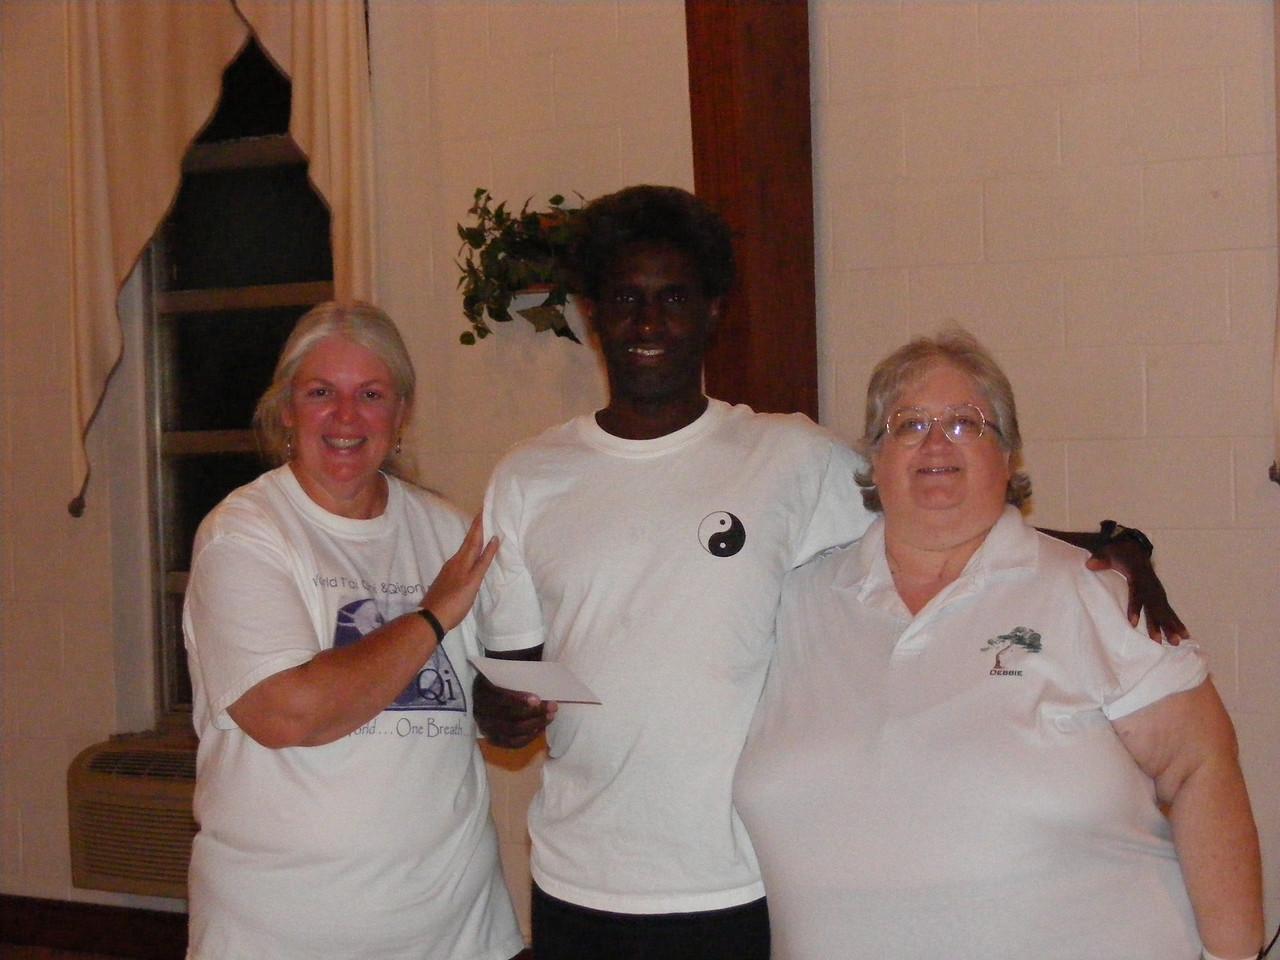 Elise Wolf - Class Coordinator, Daniel Myer - New Graduate and Debbie Calvert - Instructor 10/29/07 IMS Class